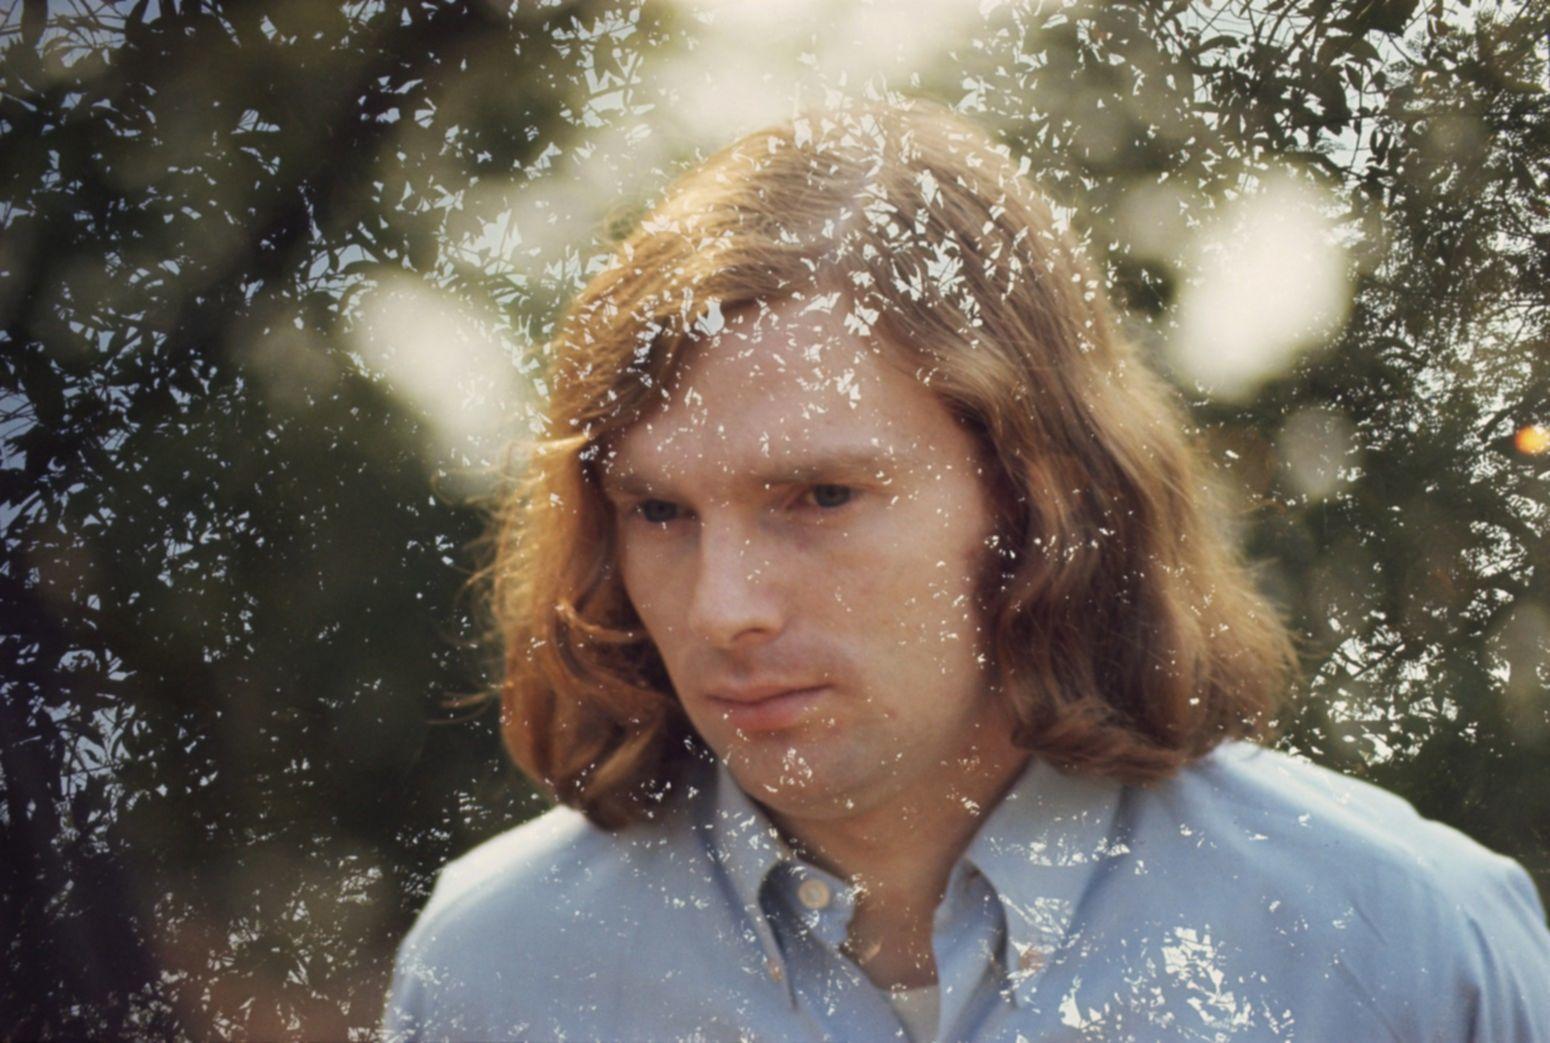 Van Morrison --- Image by © Joel Brodsky/Corbis